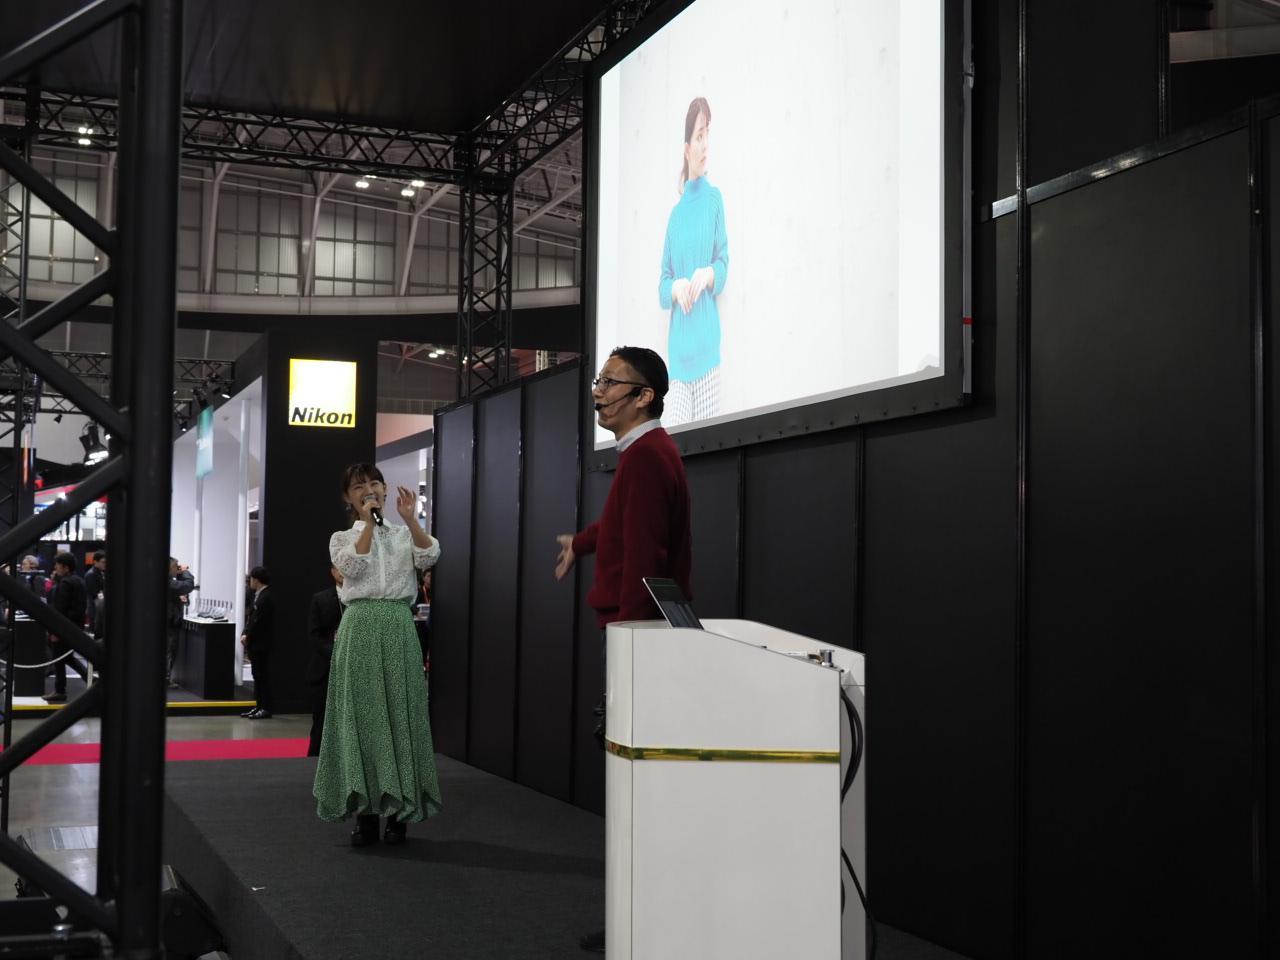 画像: ▲西尾さんは月カメ連載「アクセサリーラボ」の動画を引用して、ステージを展開していました。